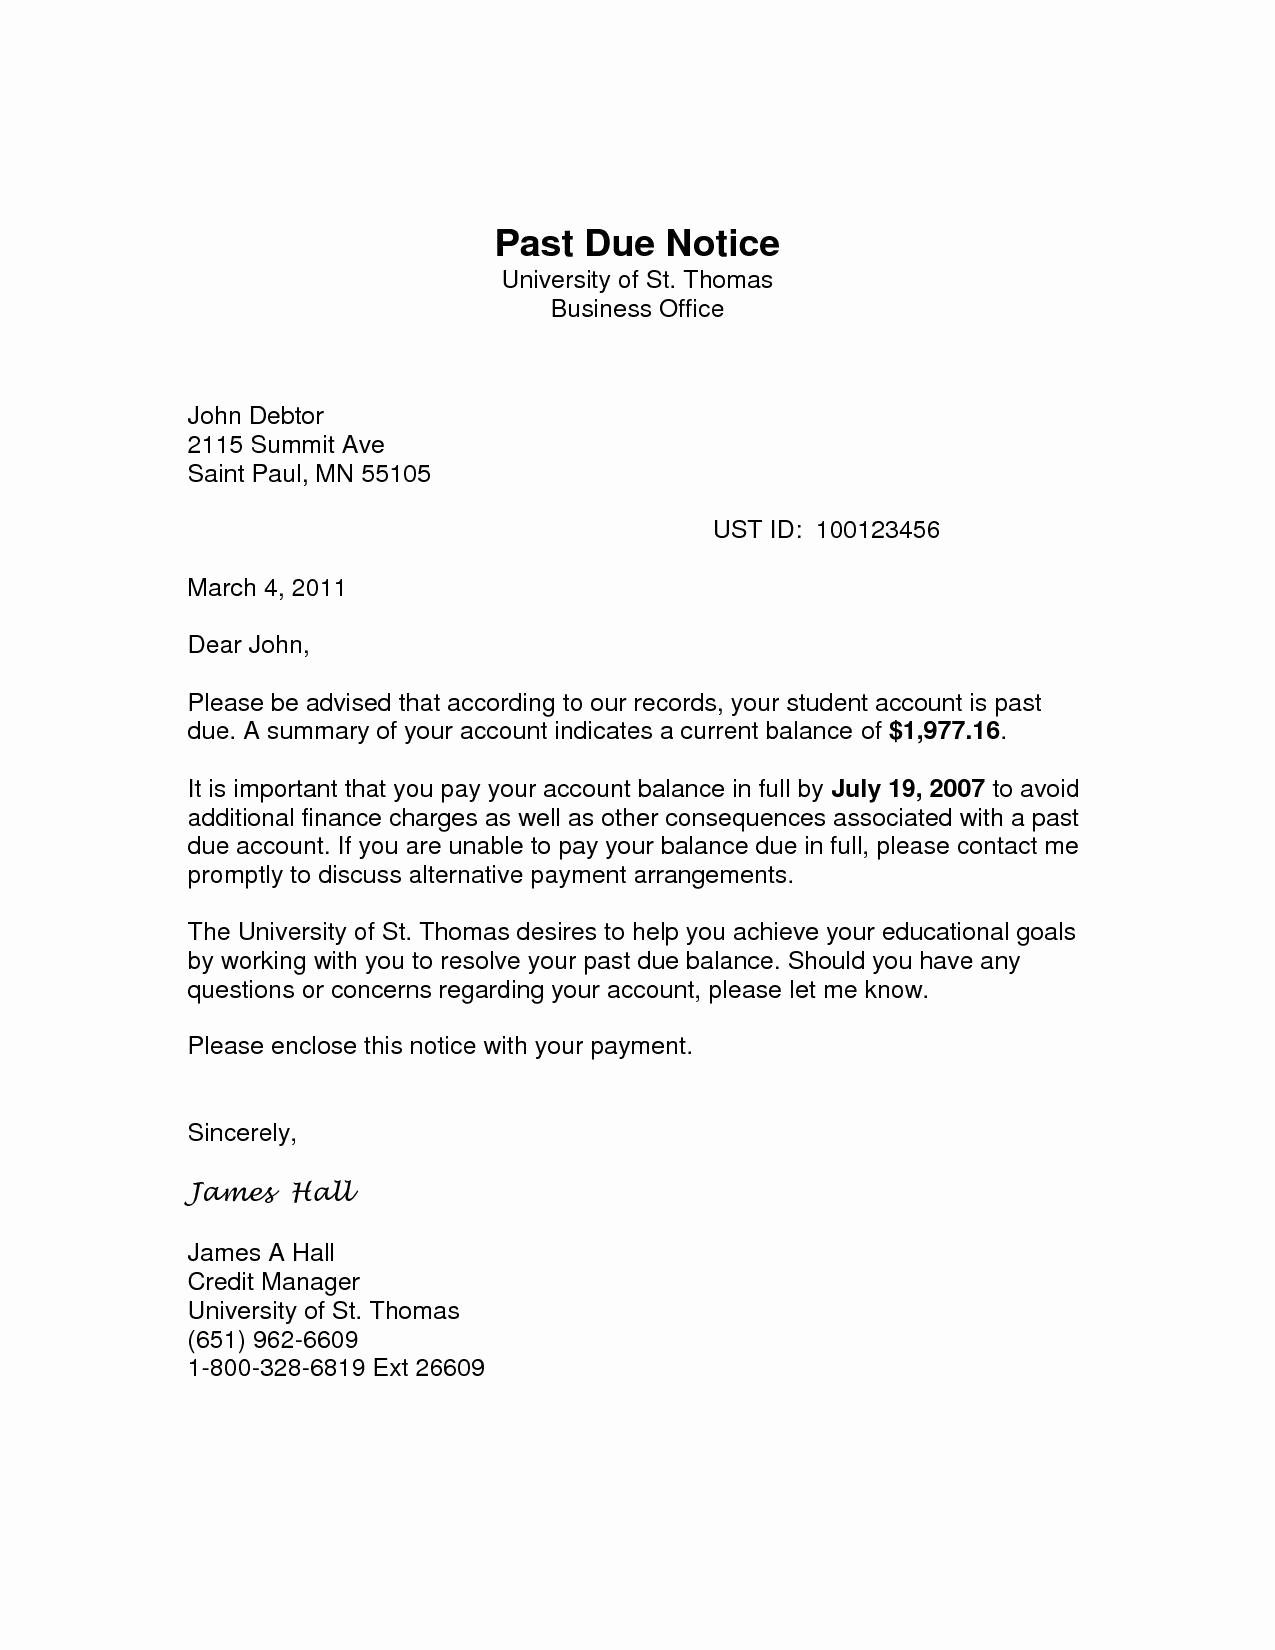 Mammogram Reminder Letter Template - Letter Reminder Job Application Refrence Reminder Letter for Job